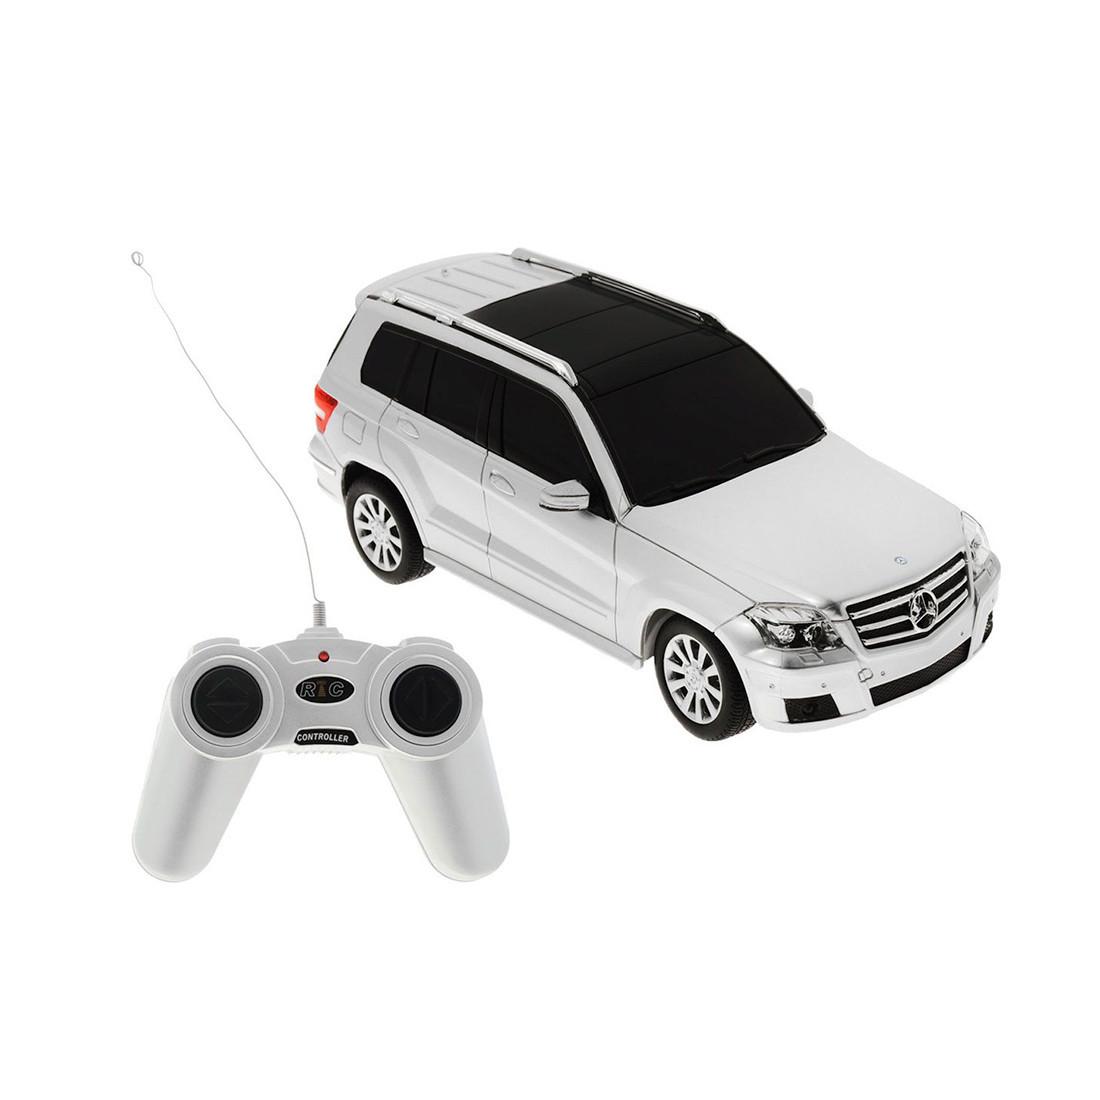 Радиоуправляемая модель автомобиль Rastar Mercedes-Benz GLK-Class, 1:14, Управление: Джойстик, Материал: Пласт